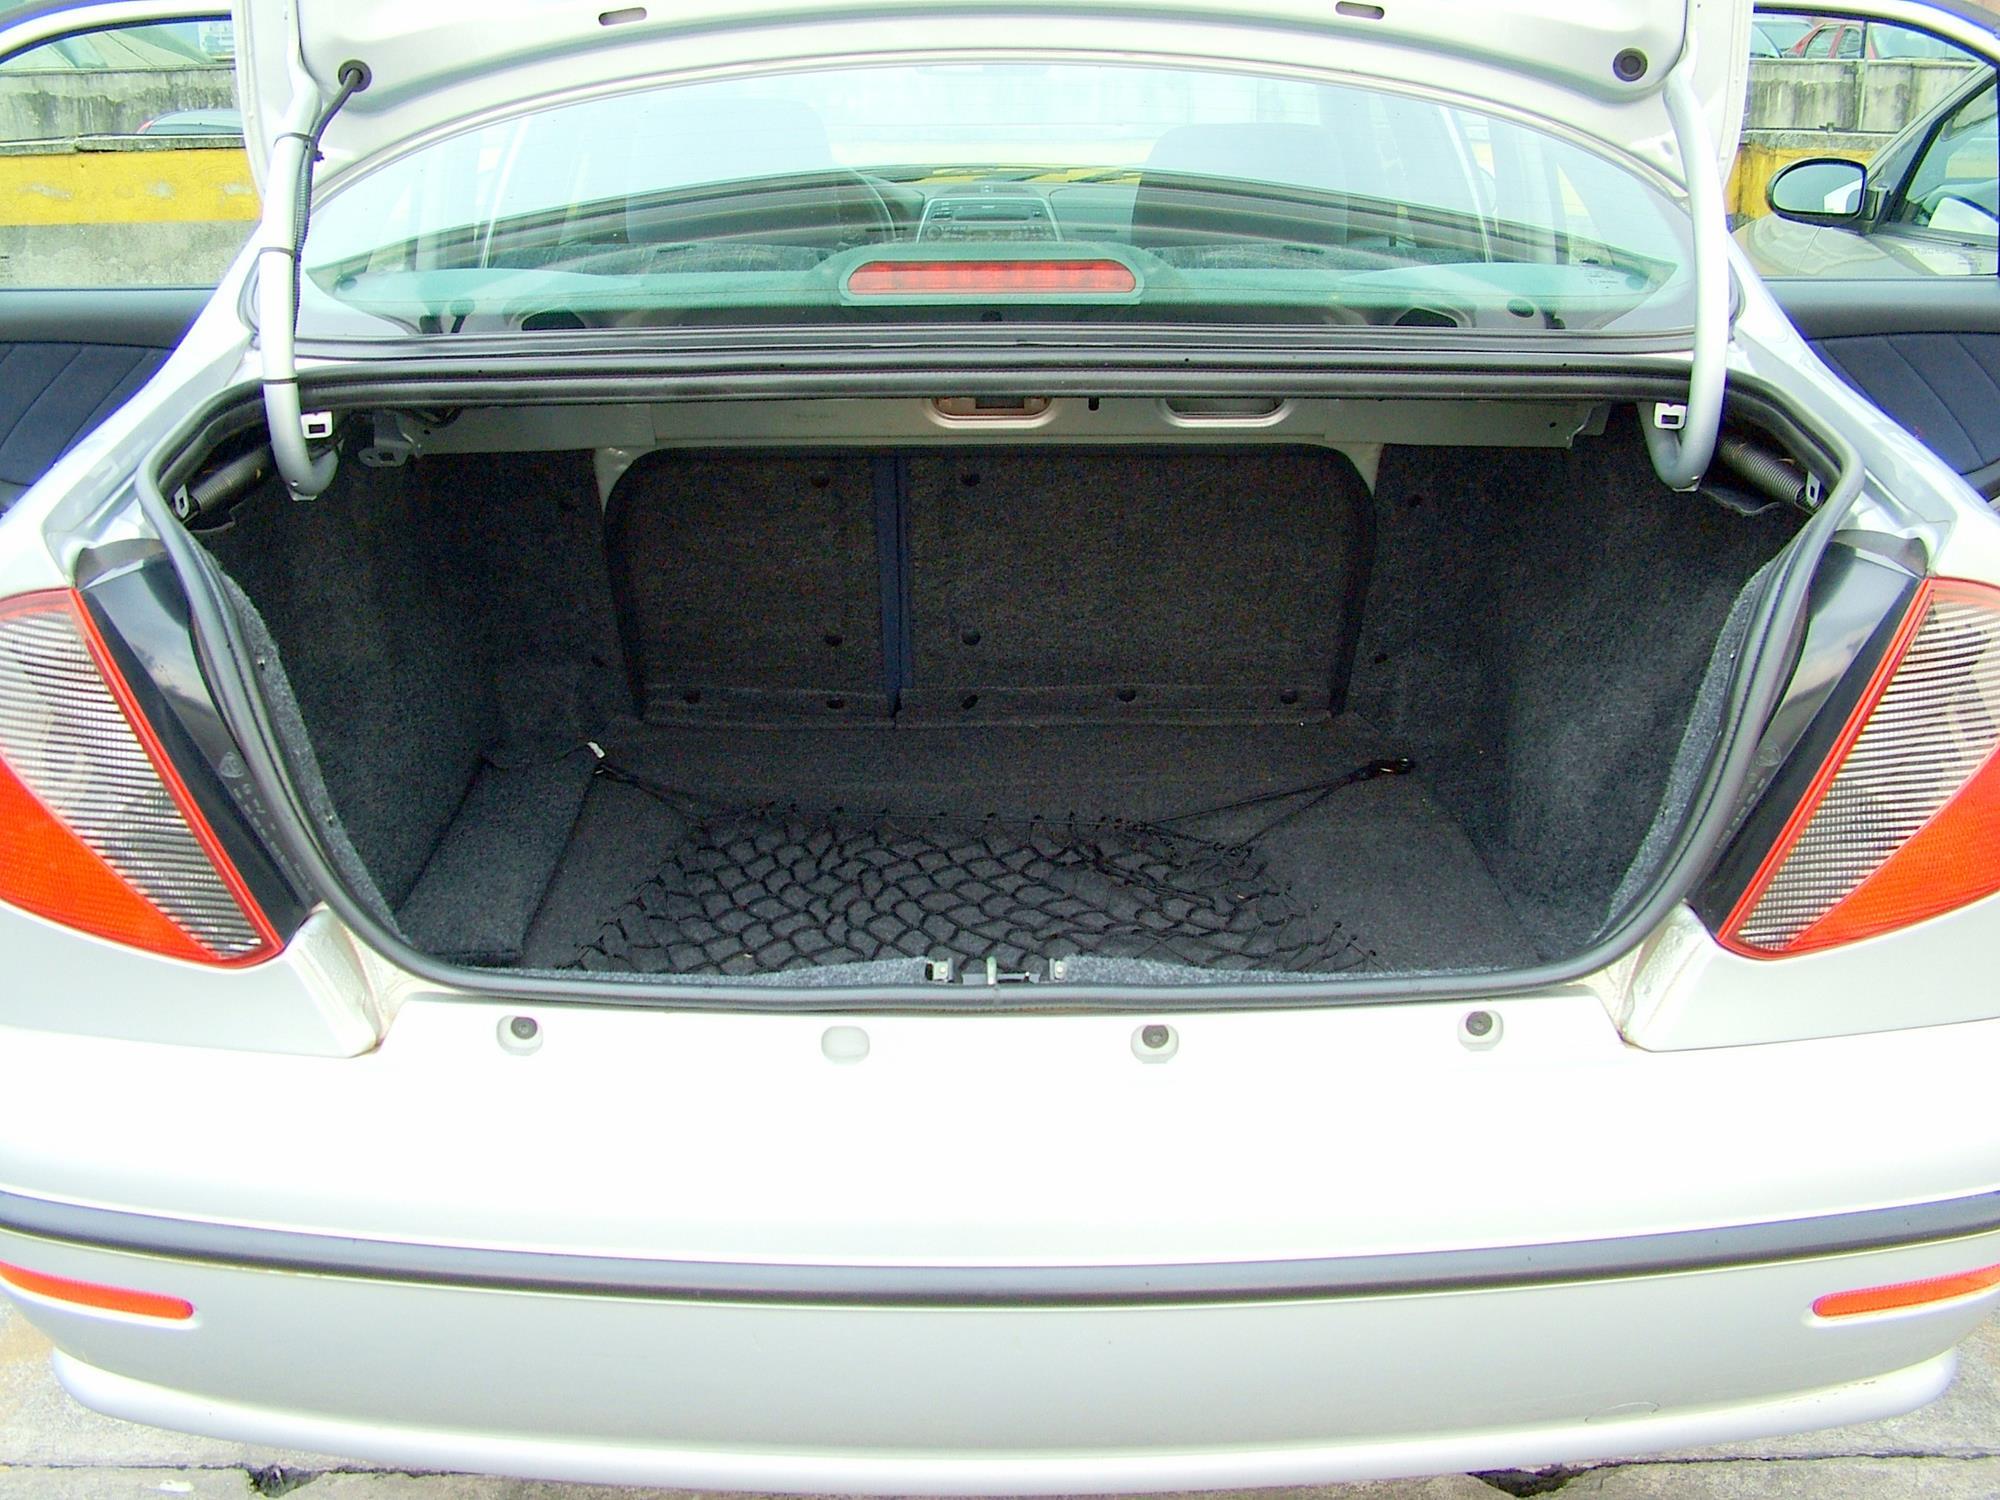 Porta-malas do Marea SX 1.6 da Fiat, sedã modelo 2006, testado pela revista Quat